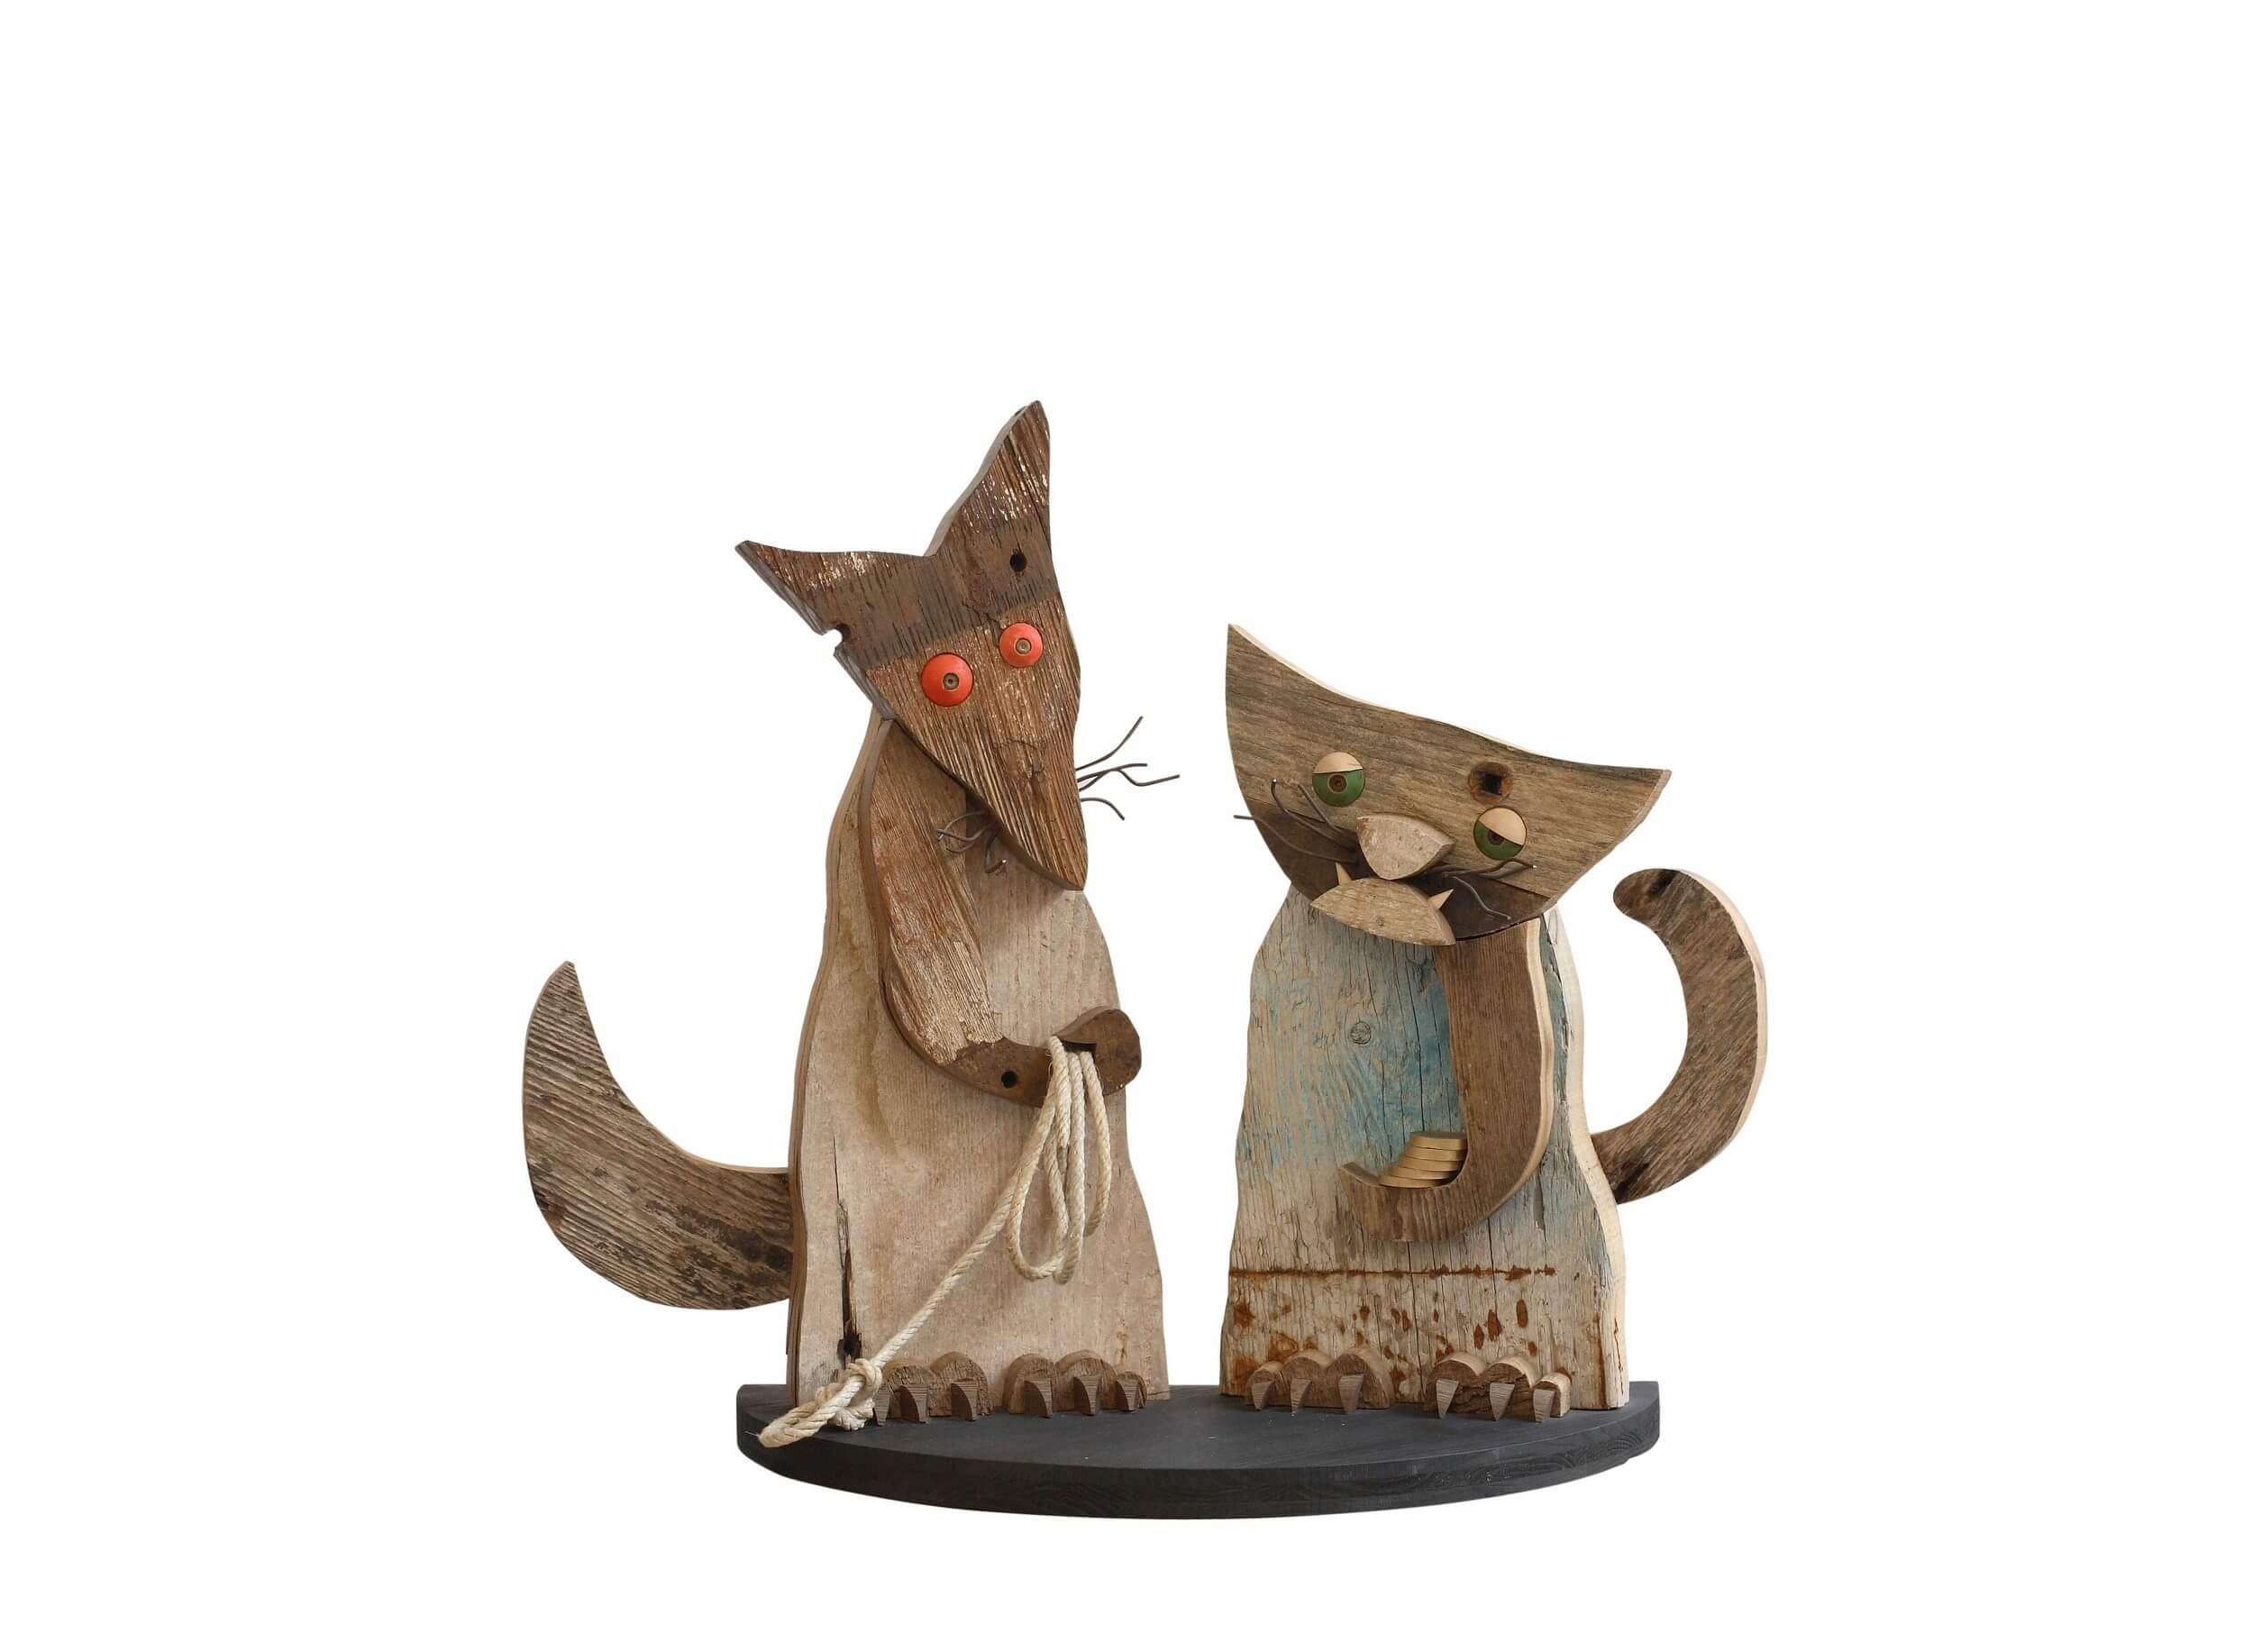 Scultura in legno Il Gatto e la Volpe - Dimensione media 70 x 28 x 61  cm (b x p x h)